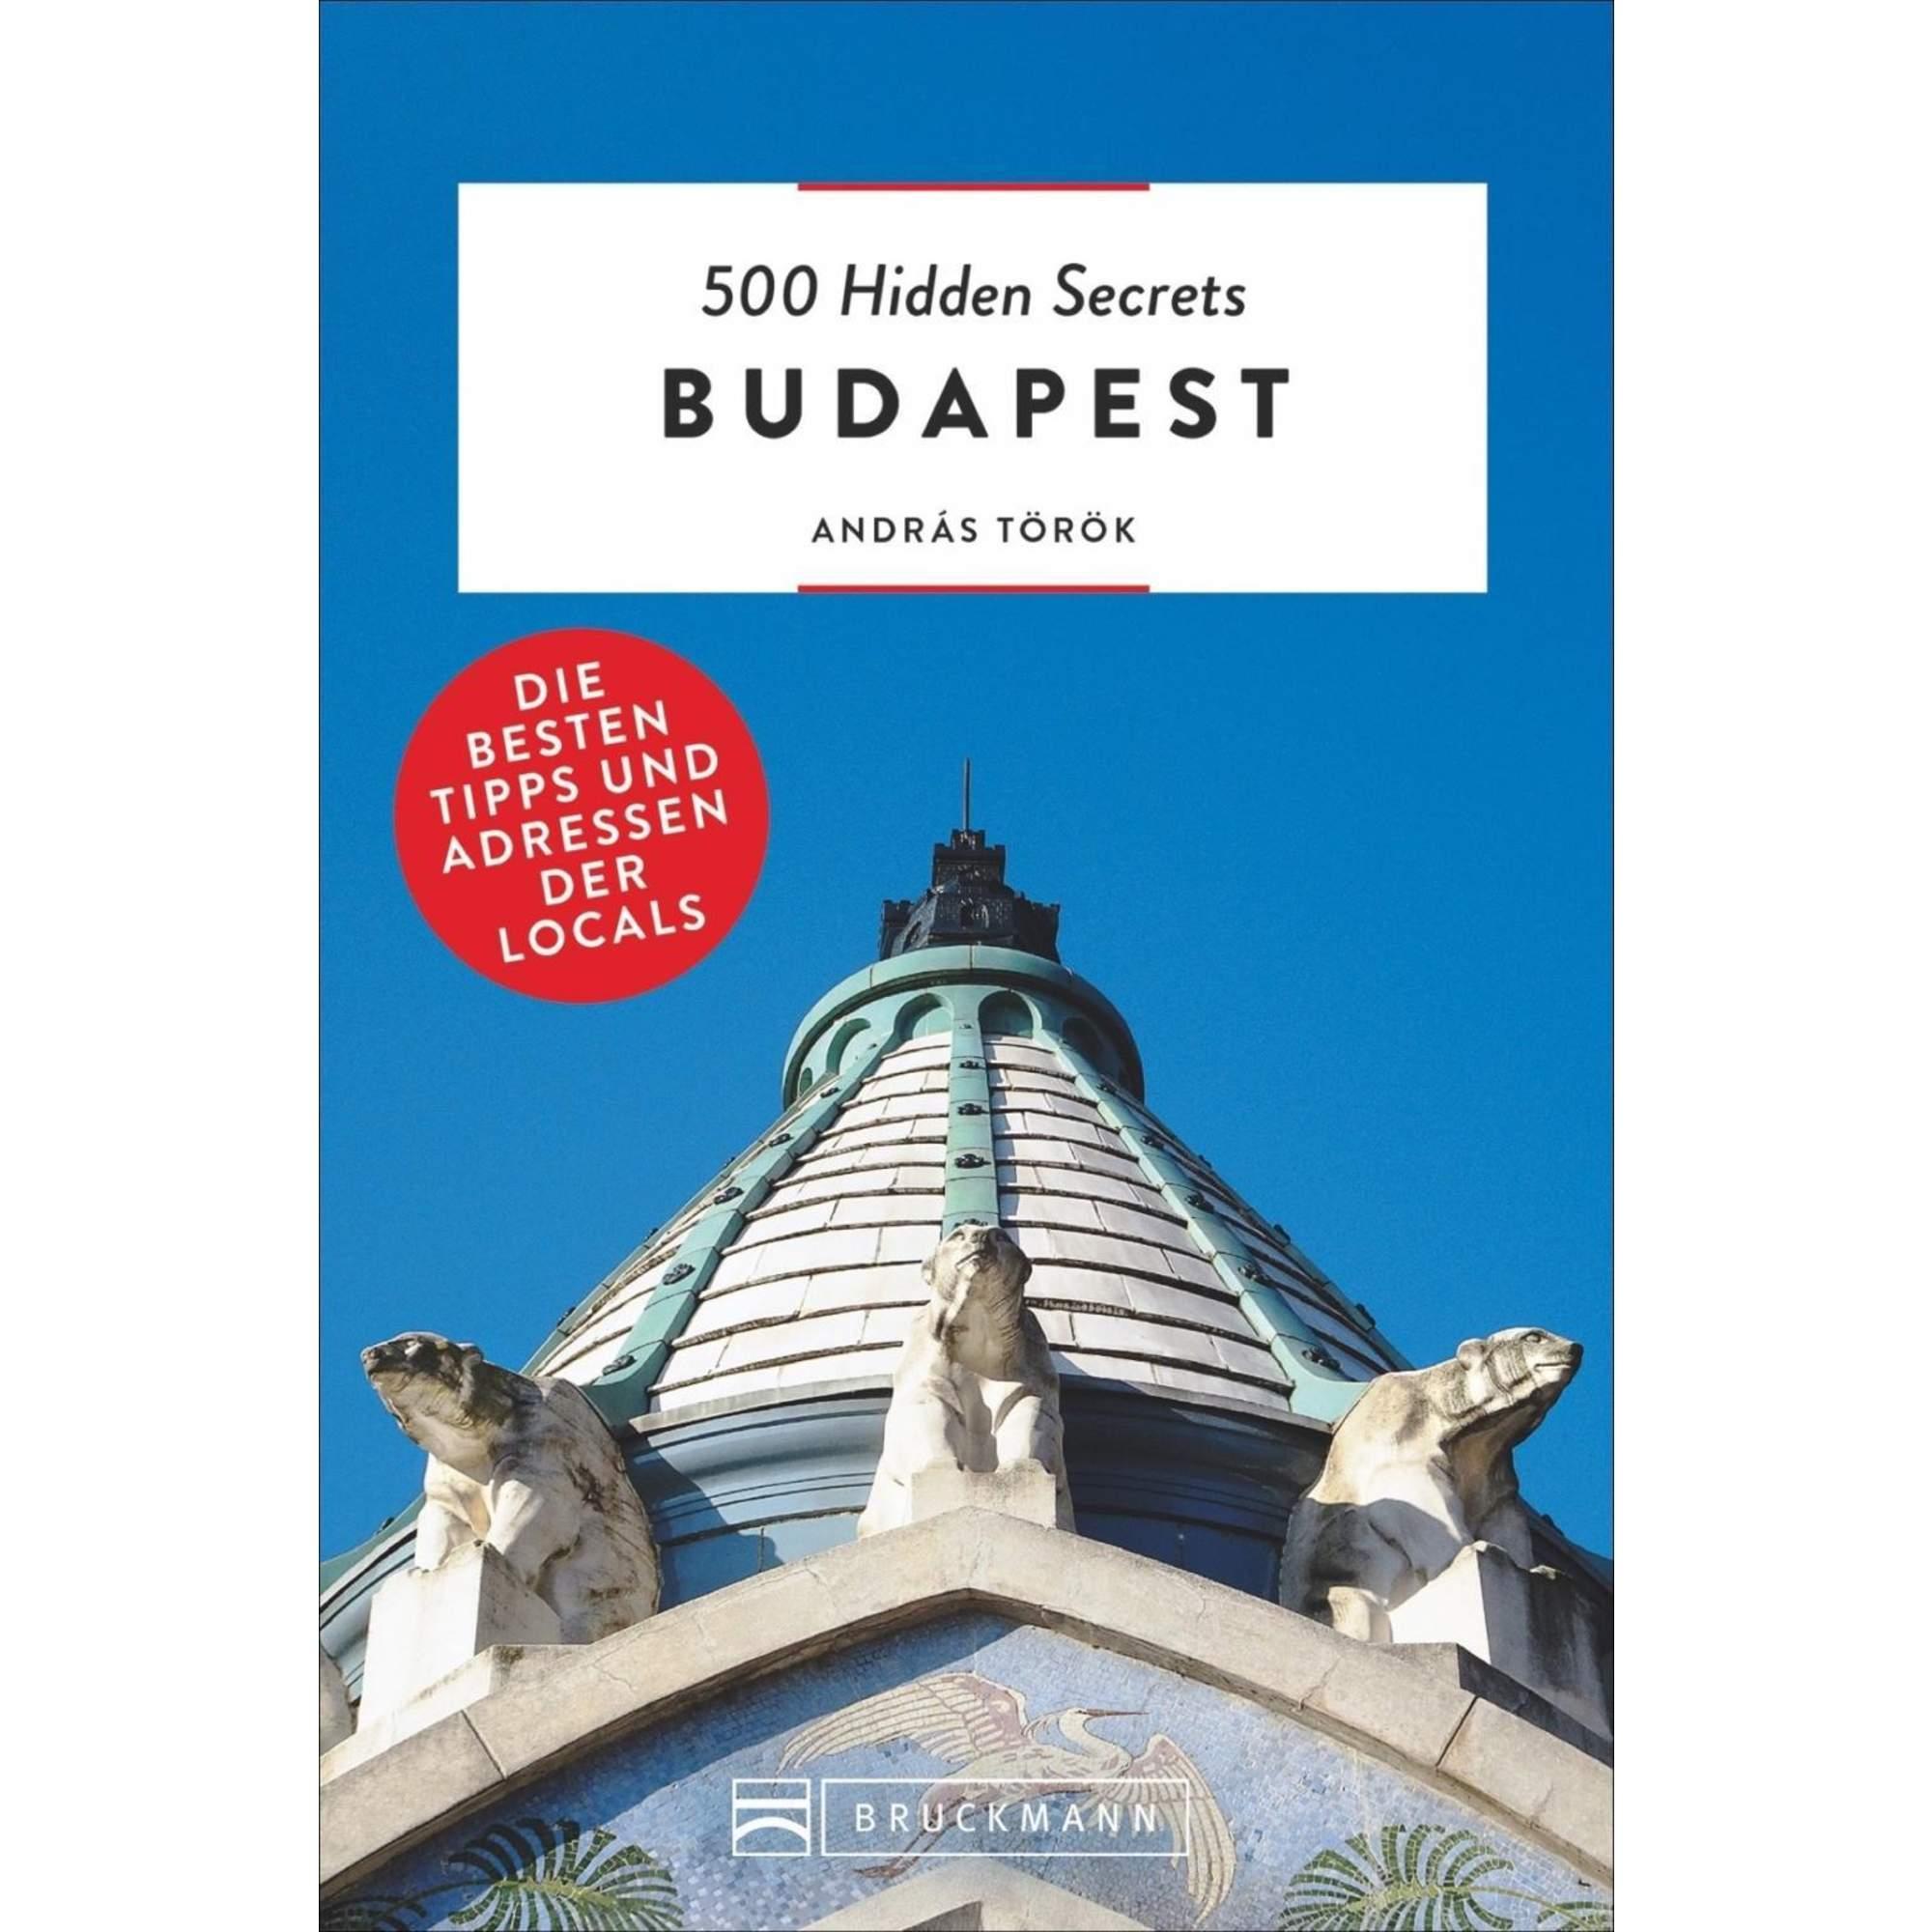 500 Hidden Secrets Budapest, 16,99 Euro